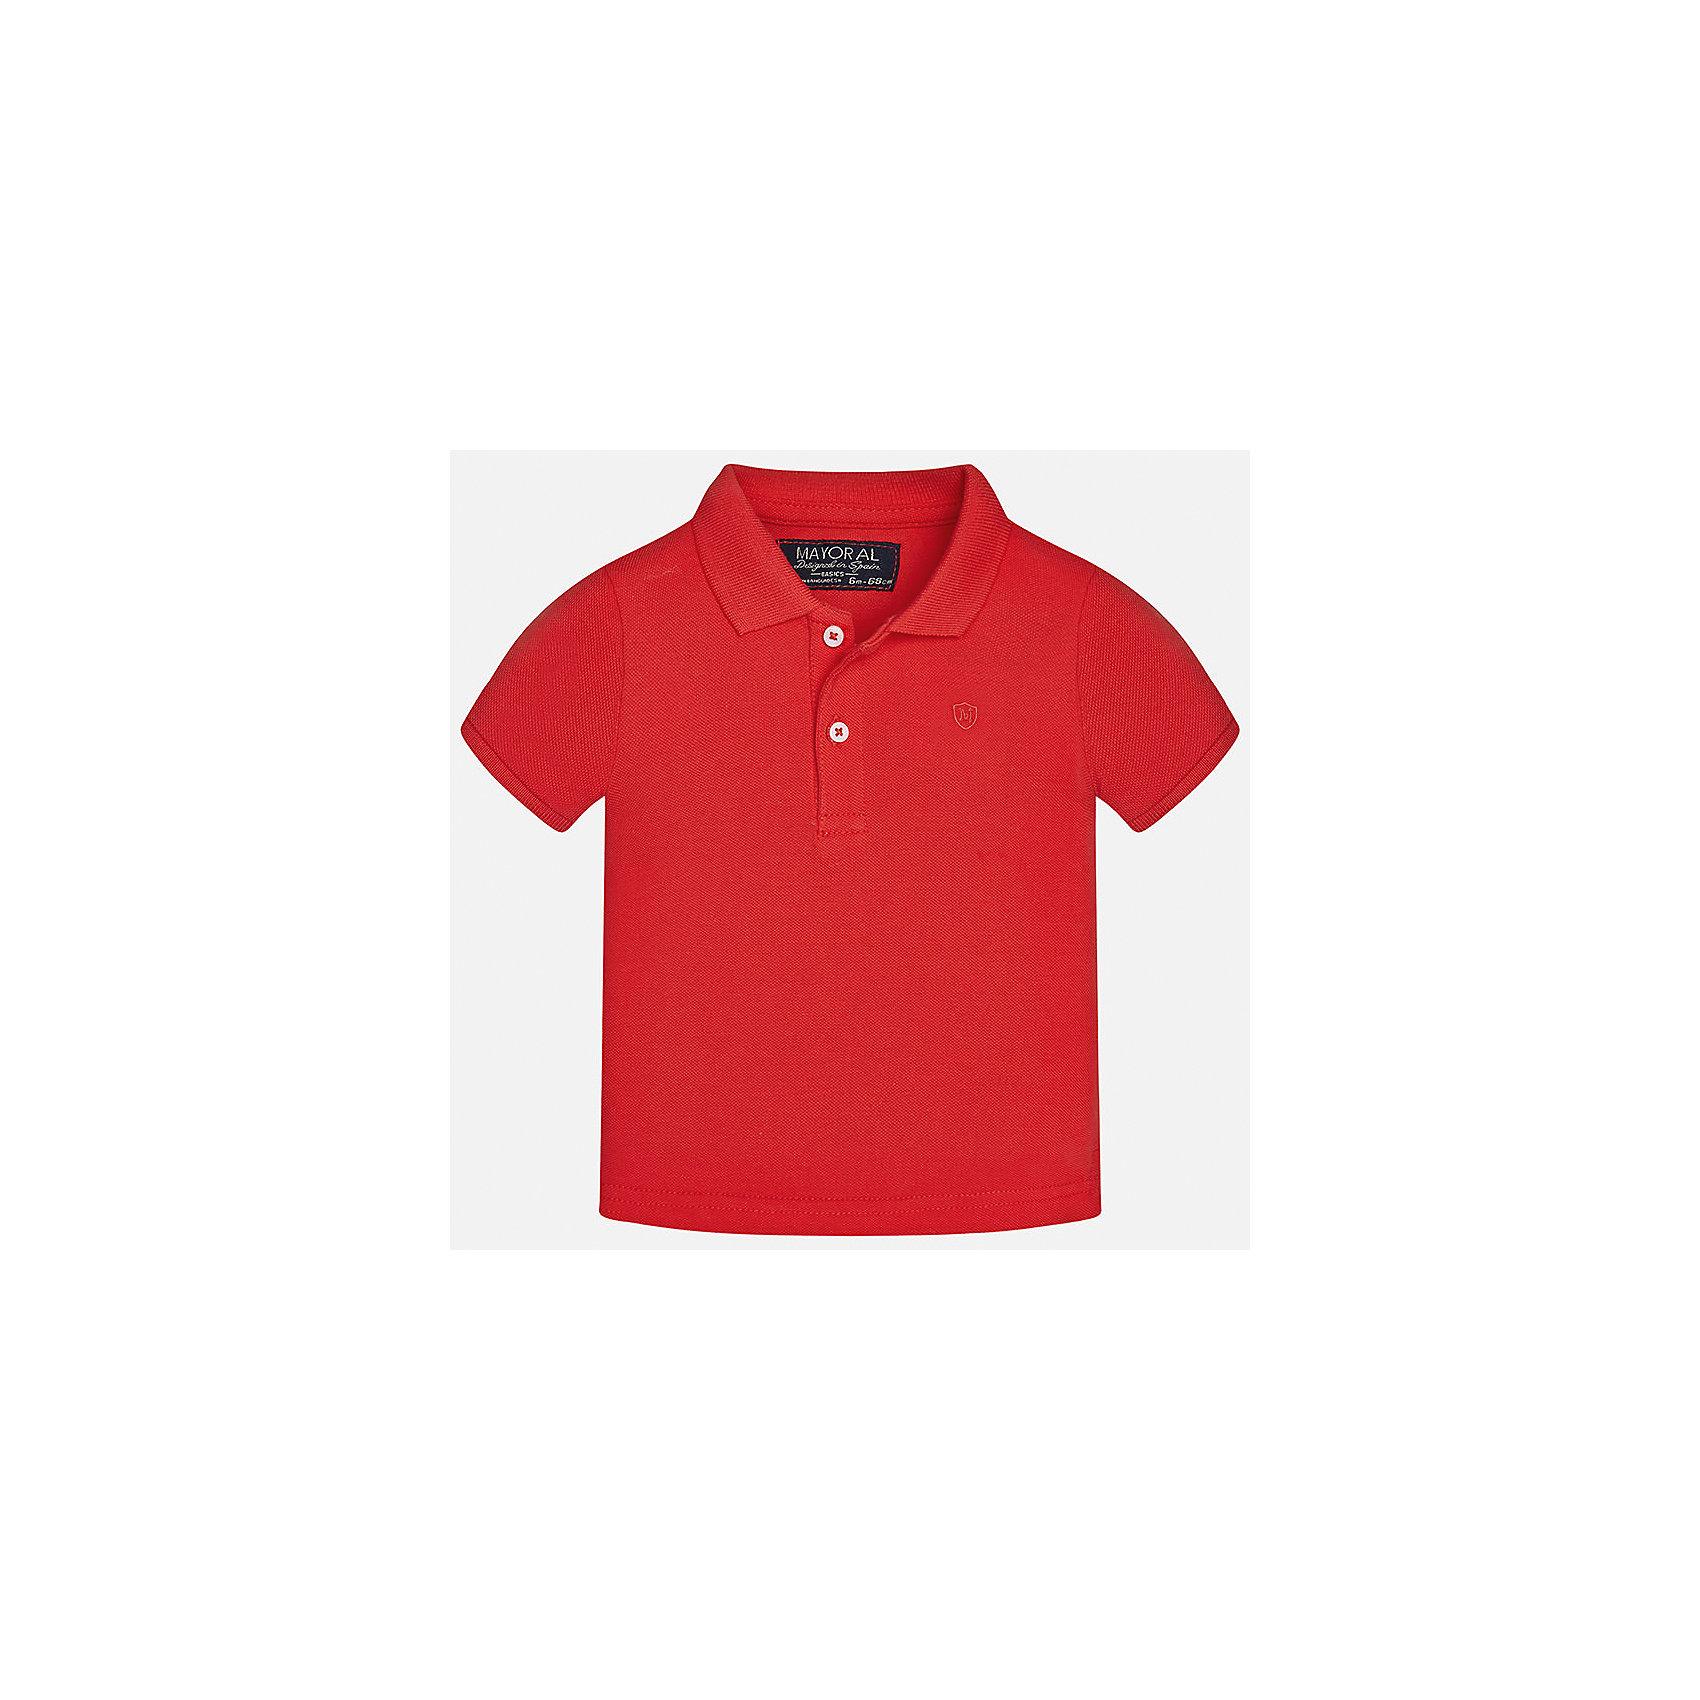 Футболка-поло для мальчика MayoralФутболки, топы<br>Характеристики товара:<br><br>• цвет: красный<br>• состав: 100% хлопок<br>• отложной воротник<br>• короткие рукава<br>• застежка: пуговицы<br>• вышивка на груди<br>• страна бренда: Испания<br><br>Удобная и модная футболка-поло для мальчика может стать базовой вещью в гардеробе ребенка. Она отлично сочетается с брюками, шортами, джинсами и т.д. Универсальный крой и цвет позволяет подобрать к вещи низ разных расцветок. Практичное и стильное изделие! В составе материала - только натуральный хлопок, гипоаллергенный, приятный на ощупь, дышащий.<br><br>Одежда, обувь и аксессуары от испанского бренда Mayoral полюбились детям и взрослым по всему миру. Модели этой марки - стильные и удобные. Для их производства используются только безопасные, качественные материалы и фурнитура. Порадуйте ребенка модными и красивыми вещами от Mayoral! <br><br>Футболку-поло для мальчика от испанского бренда Mayoral (Майорал) можно купить в нашем интернет-магазине.<br><br>Ширина мм: 230<br>Глубина мм: 40<br>Высота мм: 220<br>Вес г: 250<br>Цвет: розовый<br>Возраст от месяцев: 18<br>Возраст до месяцев: 24<br>Пол: Мужской<br>Возраст: Детский<br>Размер: 92,86,80,74<br>SKU: 5277663